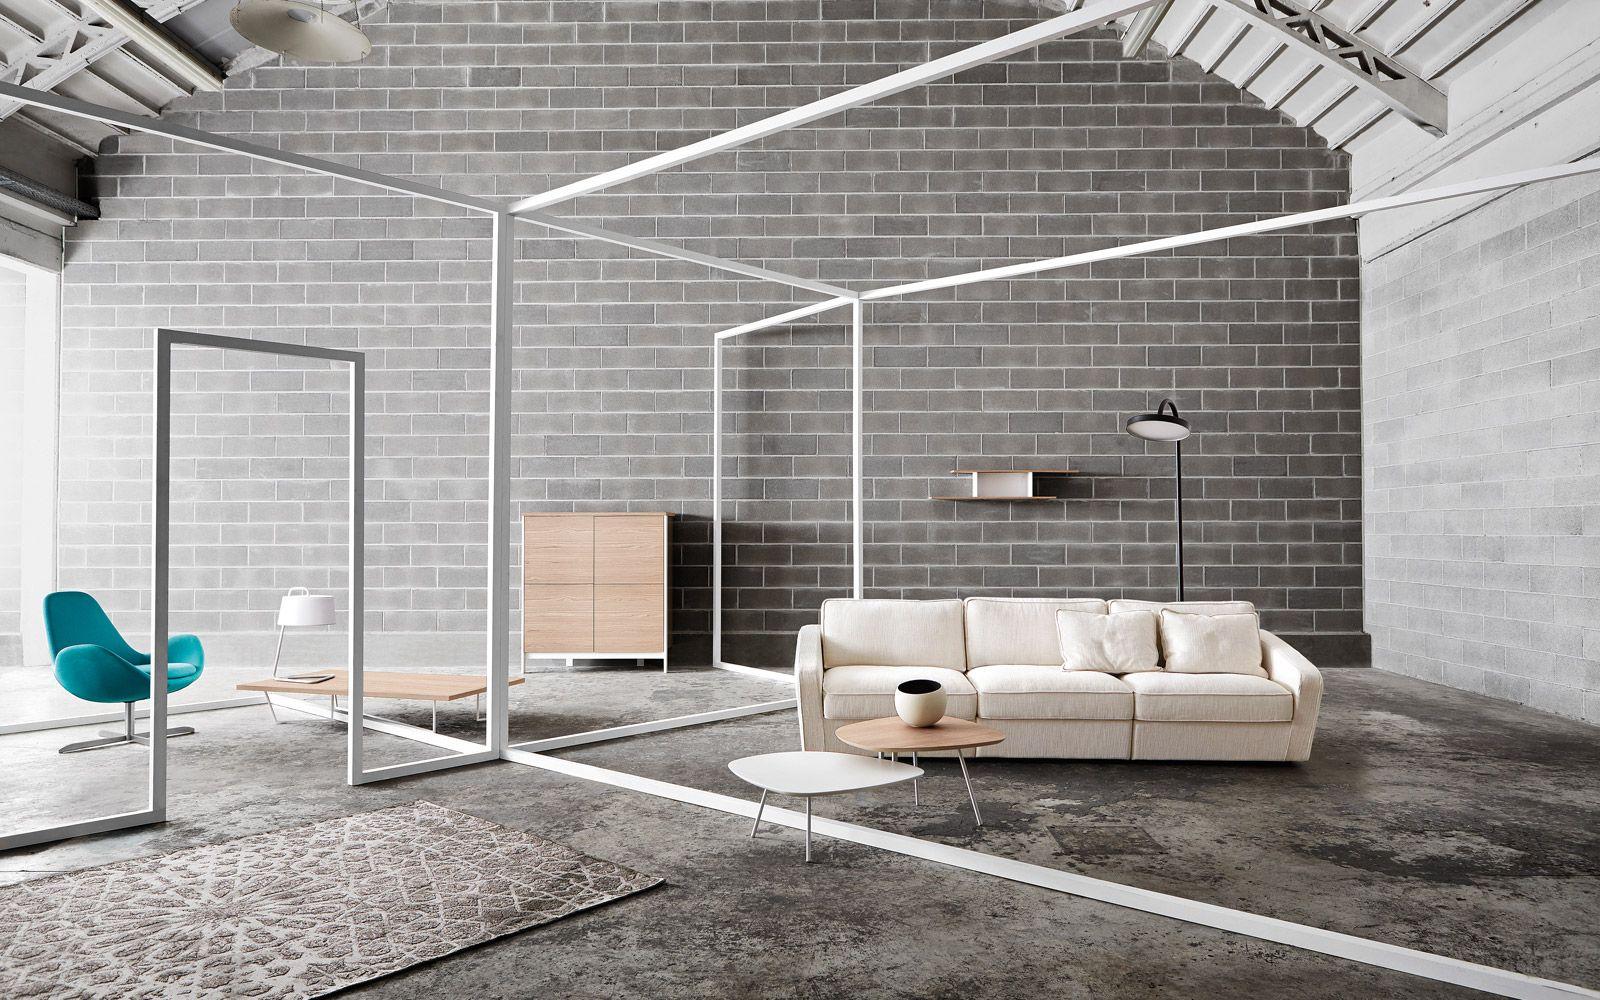 Arredamento casa mobili design italiano firmati for Mobili firmati